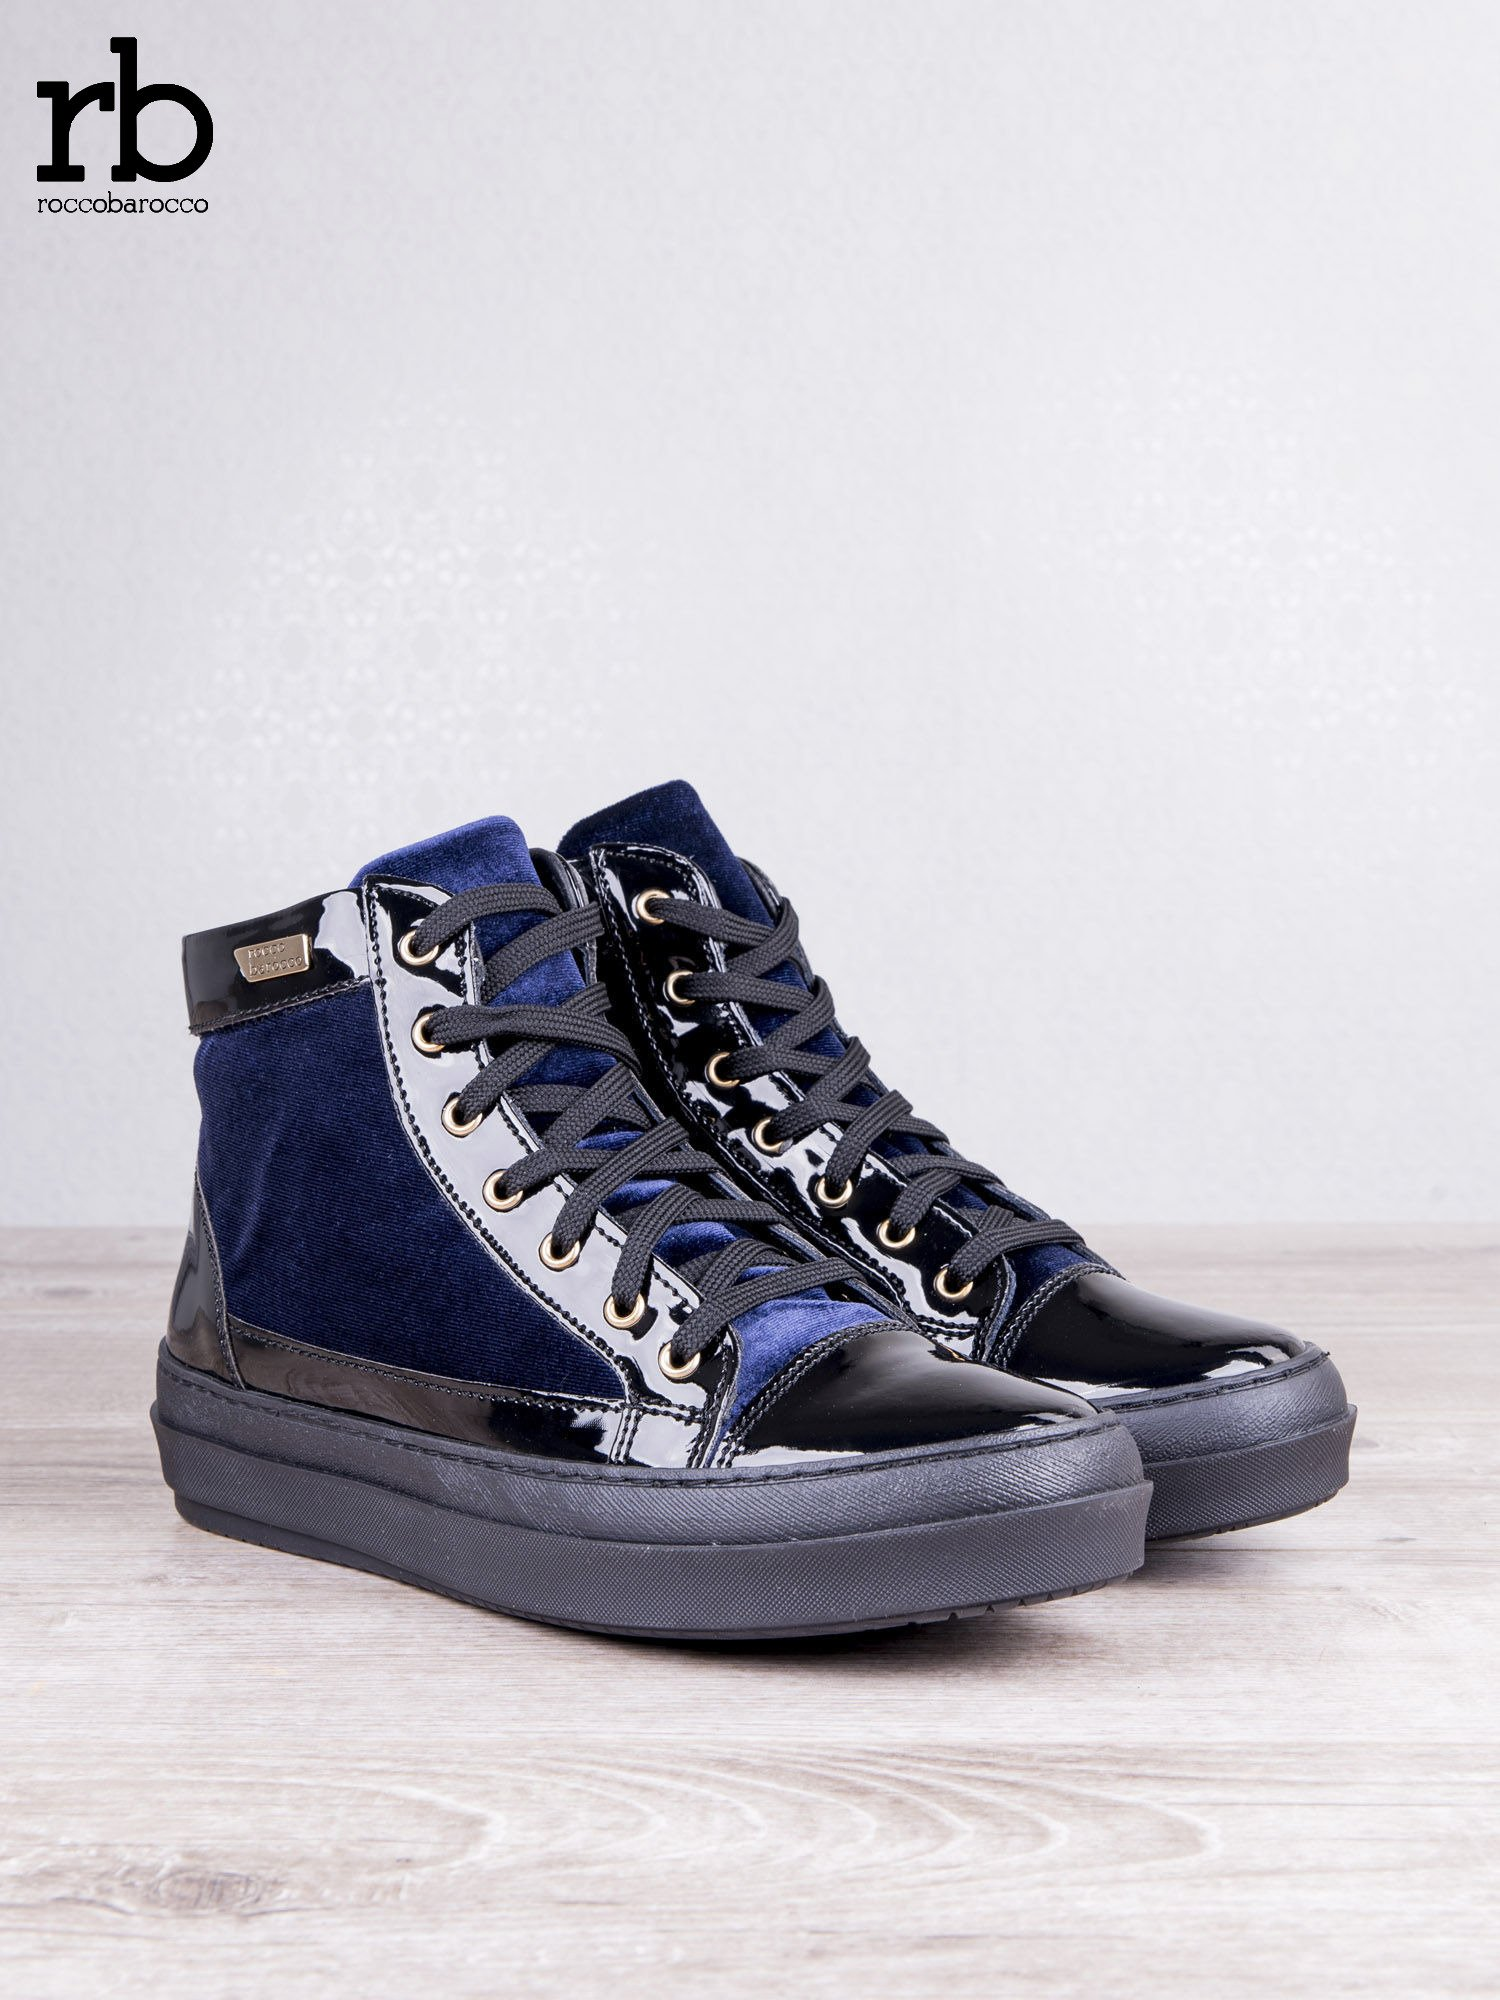 ROCCOBAROCCO granatowe welurowe sneakersy dual style z lakierowanymi wstawkami                                   zdj.                                  5